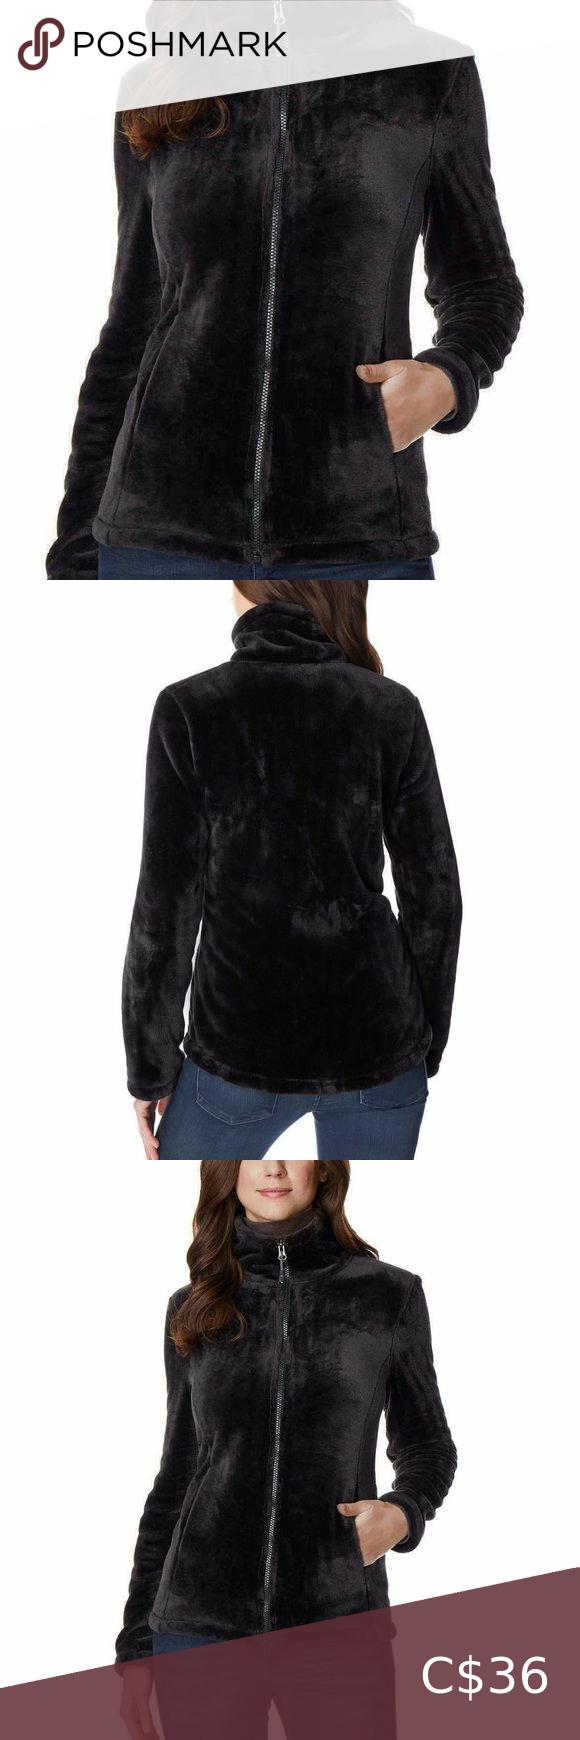 NEW 32 Degrees Heat Women Plush Velour Full Zip Mock Neck Jacket